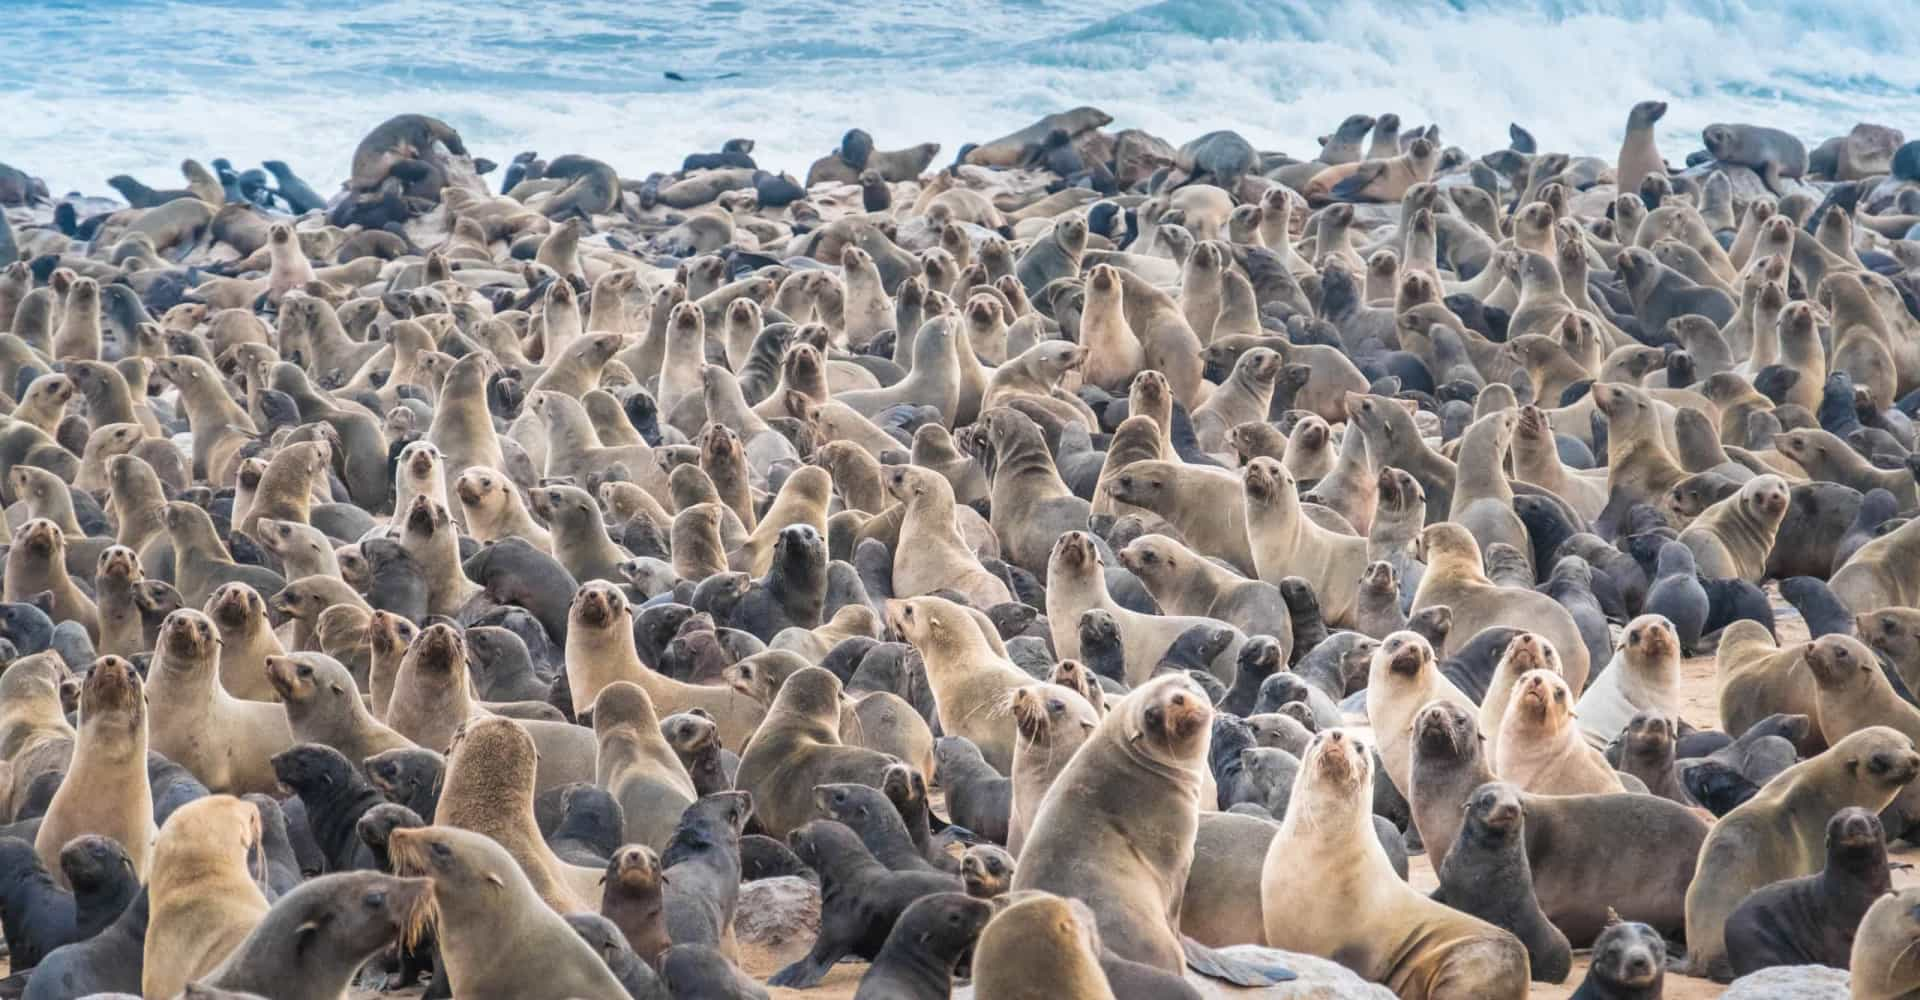 다양한 동물들이 살고 있는 매력적인 관광지